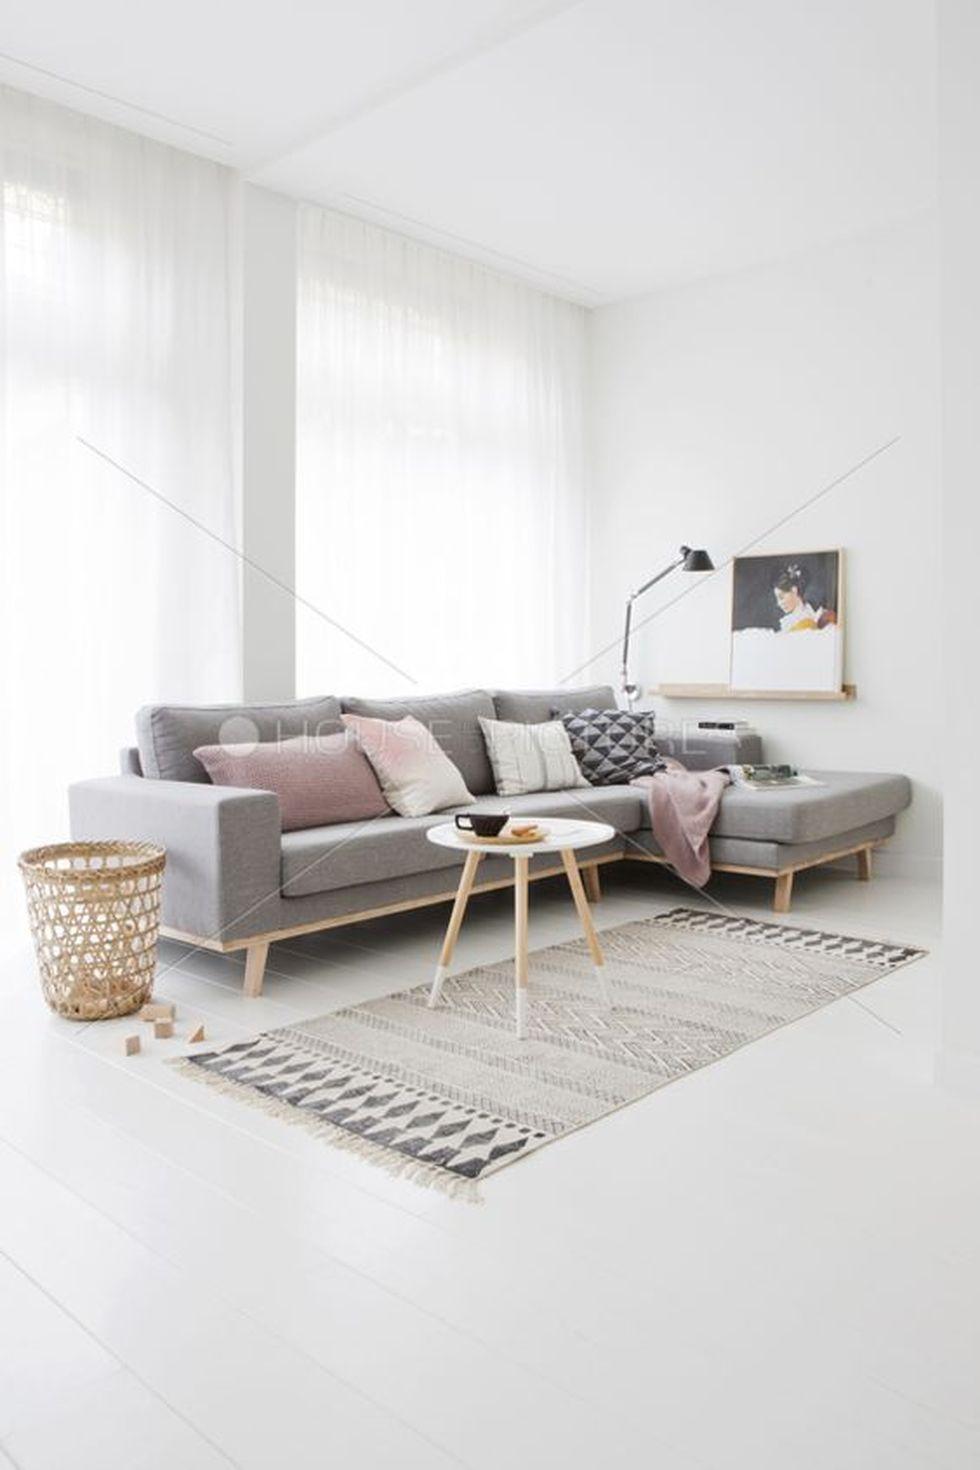 early dew flexa kast : 90 Fabulous Modern Minimalist Living Room Layout Ideas Modern